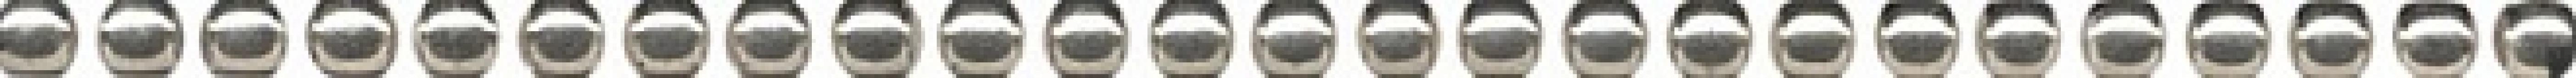 POD016 Карандаш Бисер платина 20*0.6 керамический бордюр